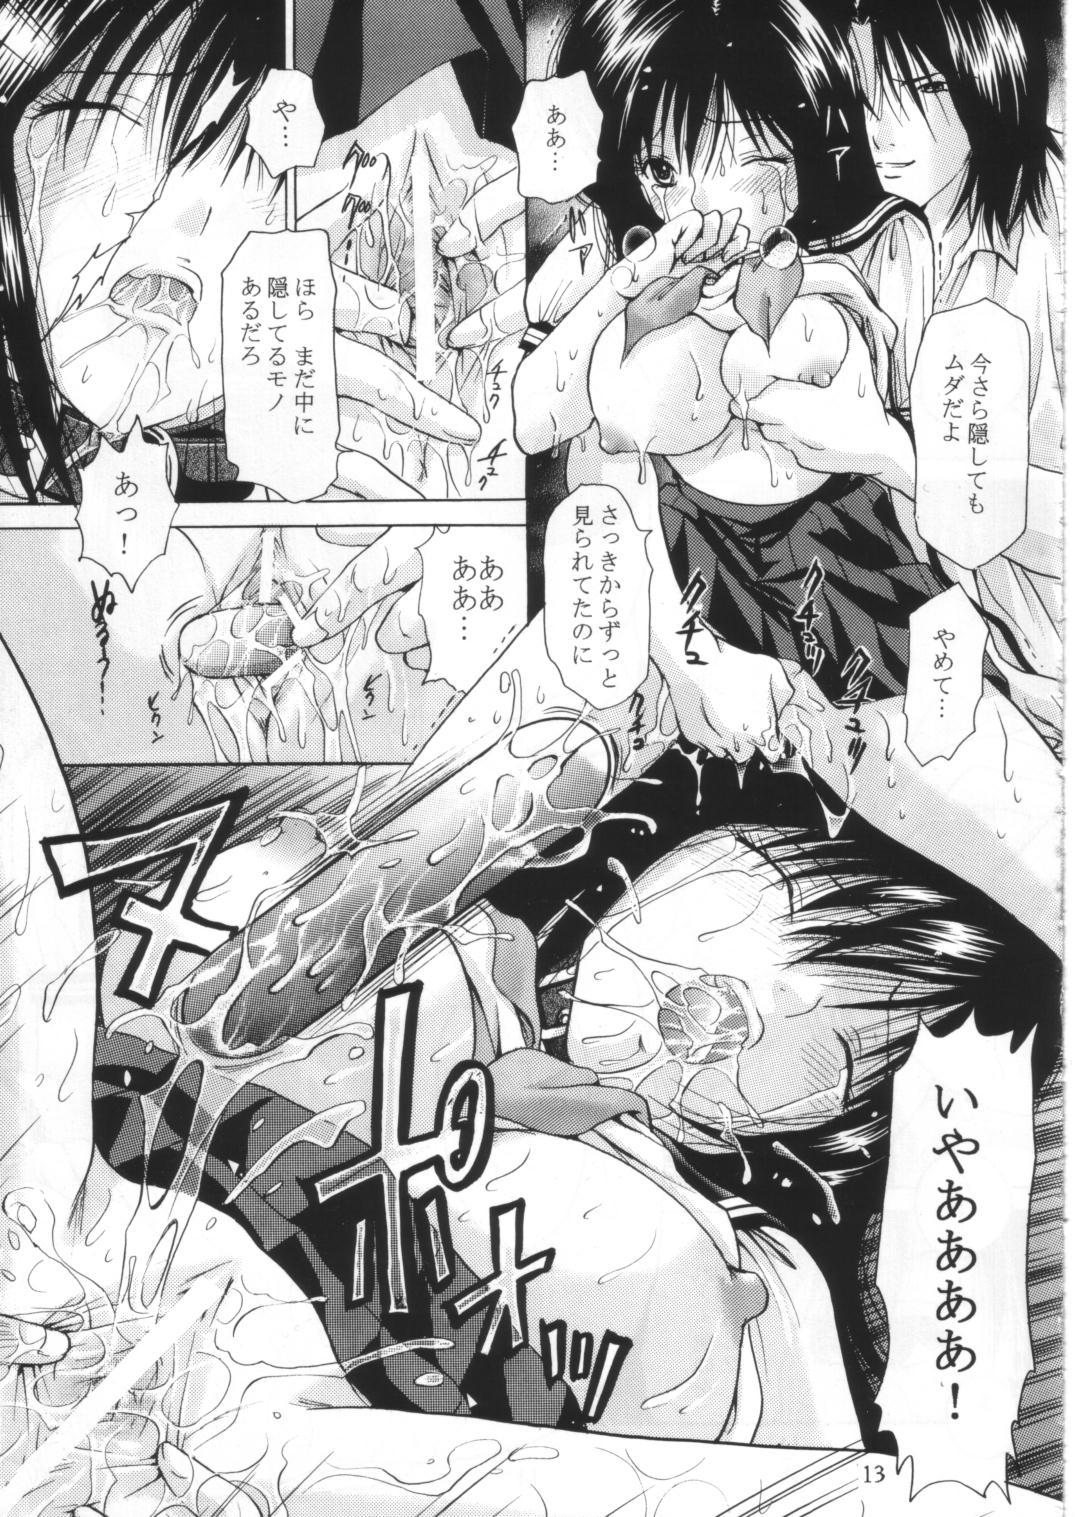 Ichigo 120% Zettai Zetsumei Vol. 2 11